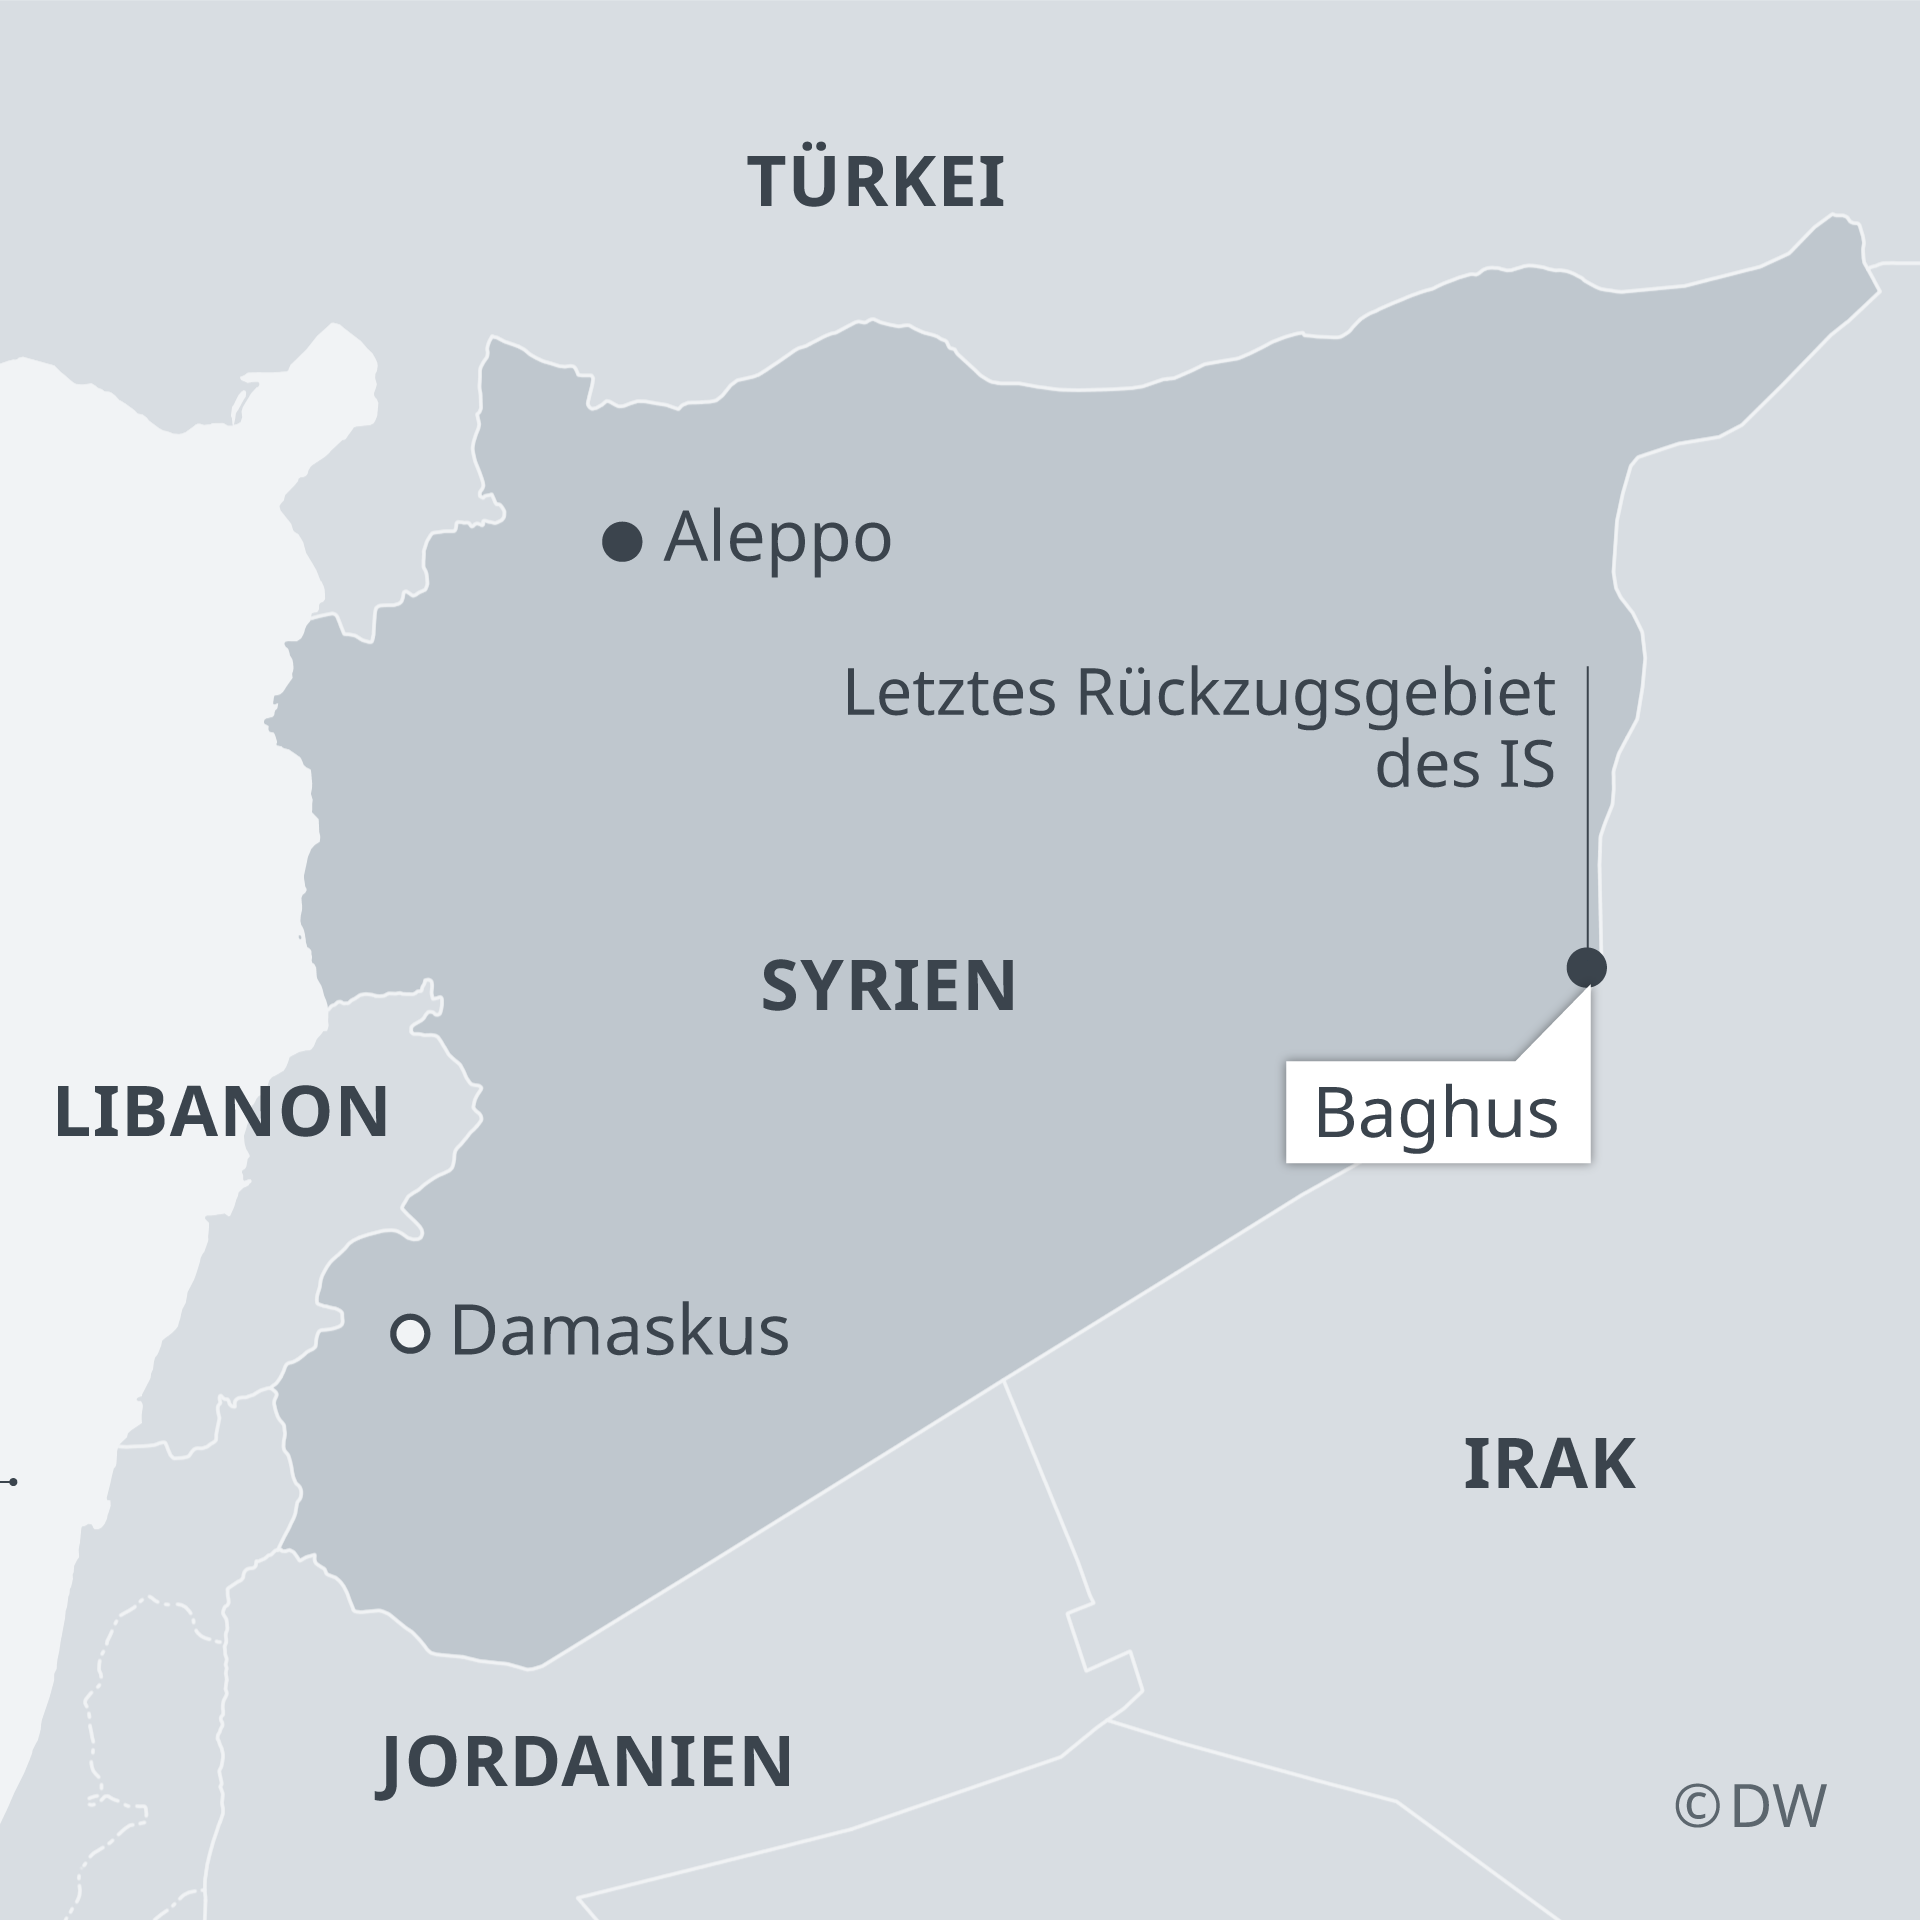 Syrien Irak Karte.Kurdenmiliz Verkündet Sieg über Is In Syrien Aktuell Nahost Dw